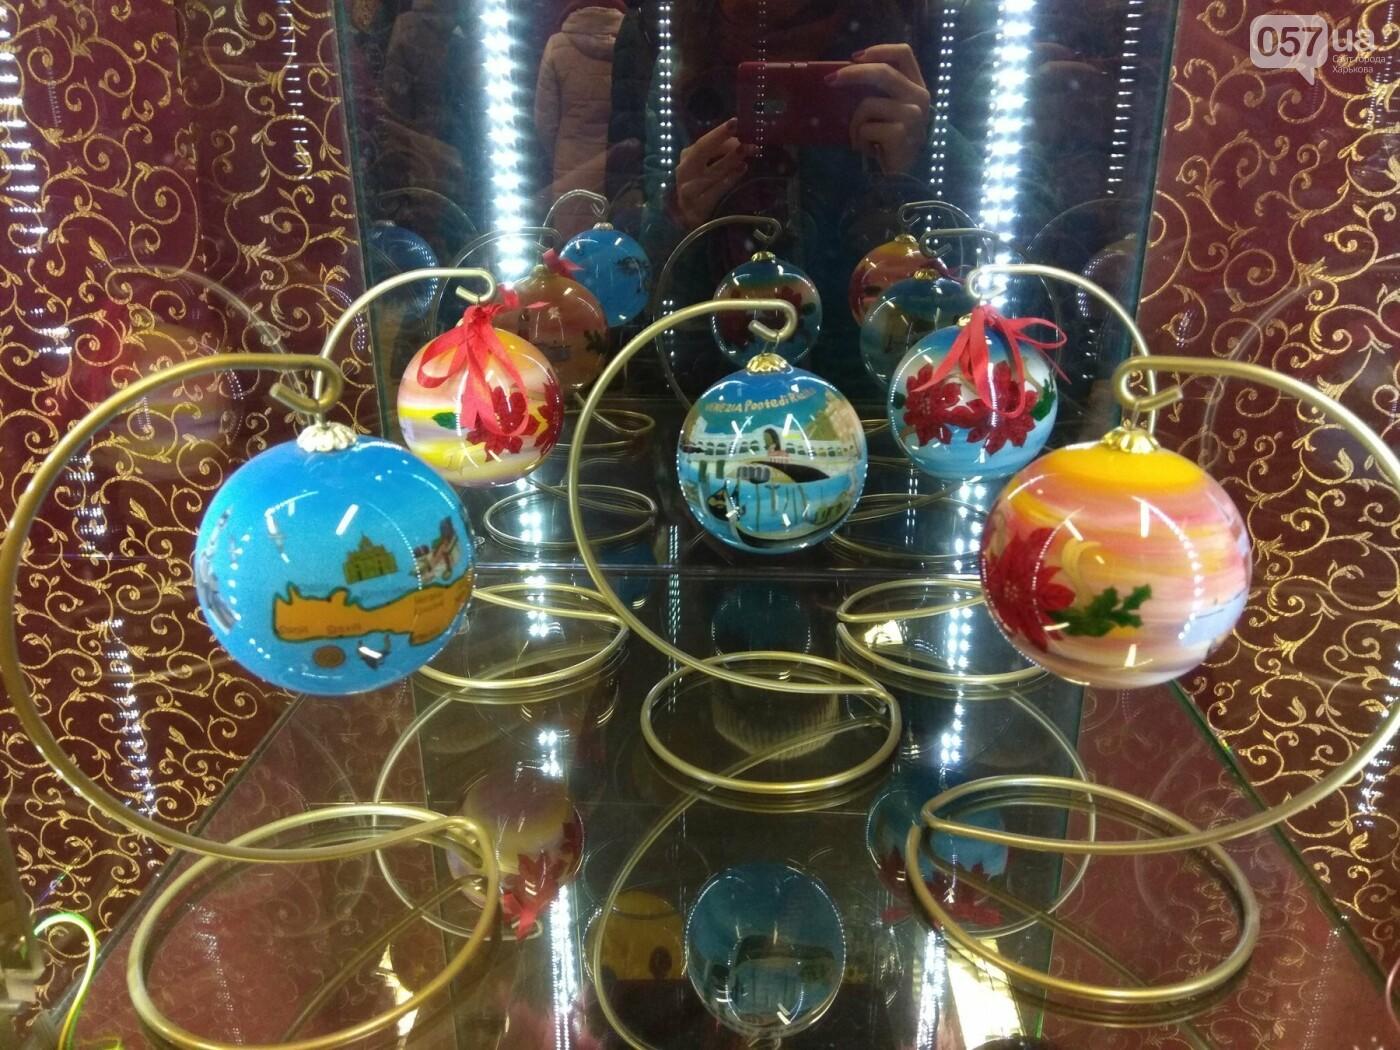 Фабрика елочных игрушек под Киевом. Куда харьковчане могут поехать на выходных, - ФОТО, фото-12